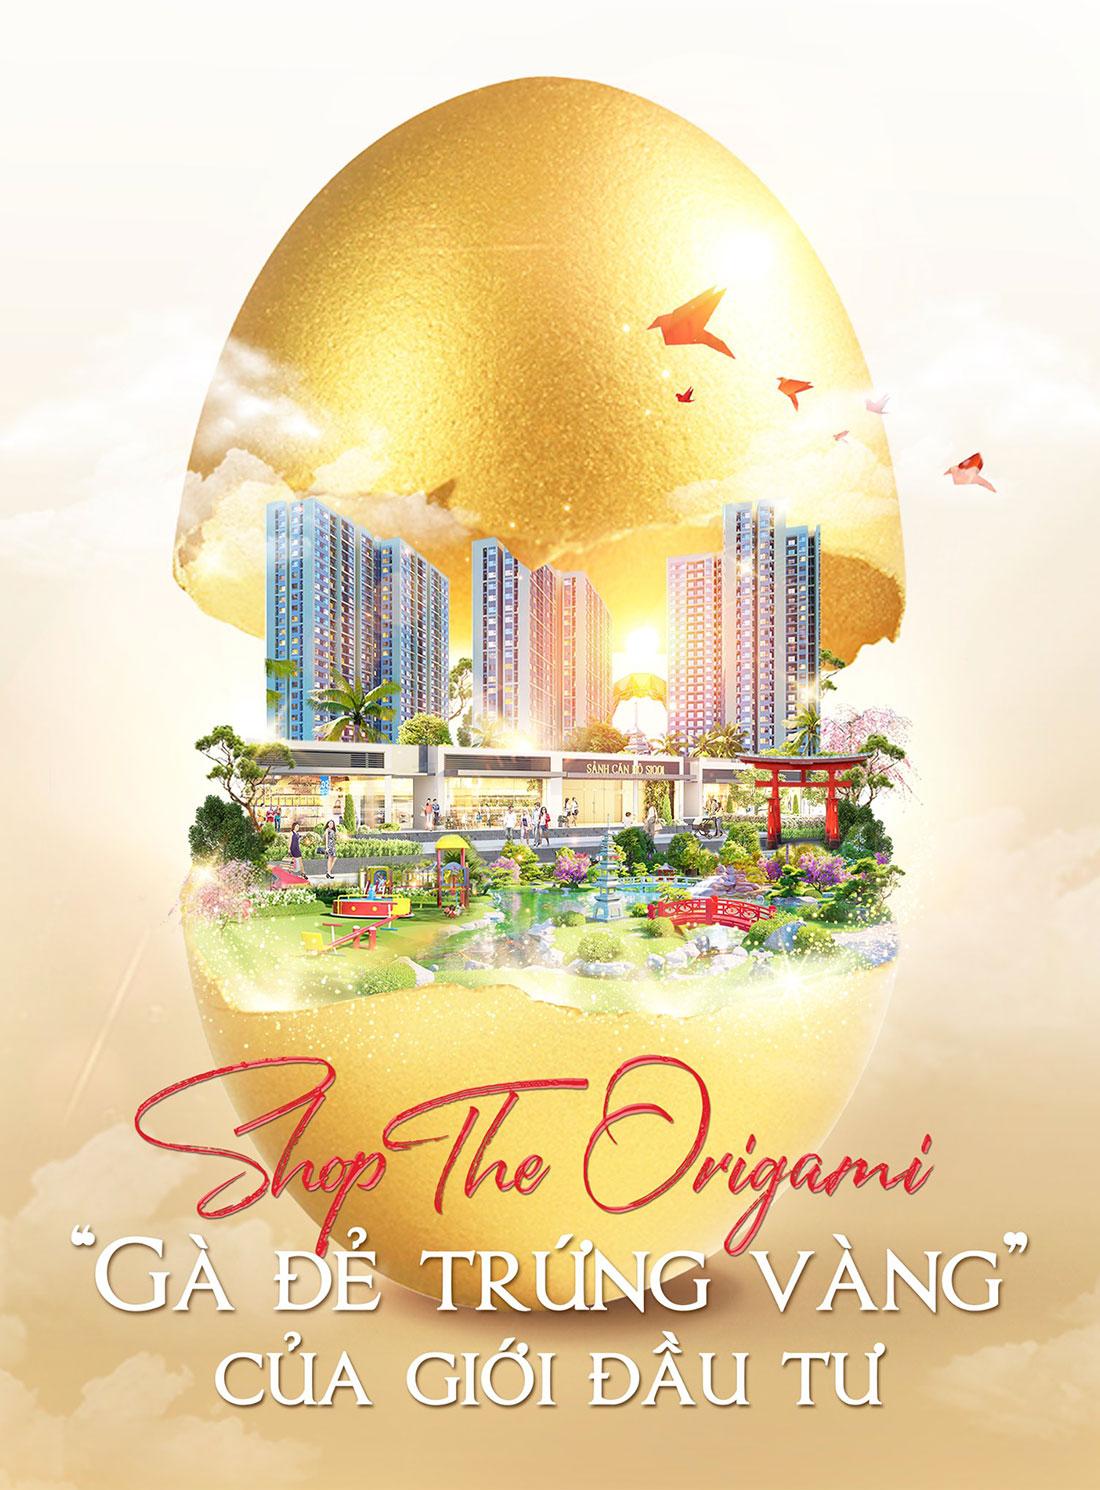 Shop The Origami - Con gà đẻ trứng vàng của giới đầu tư